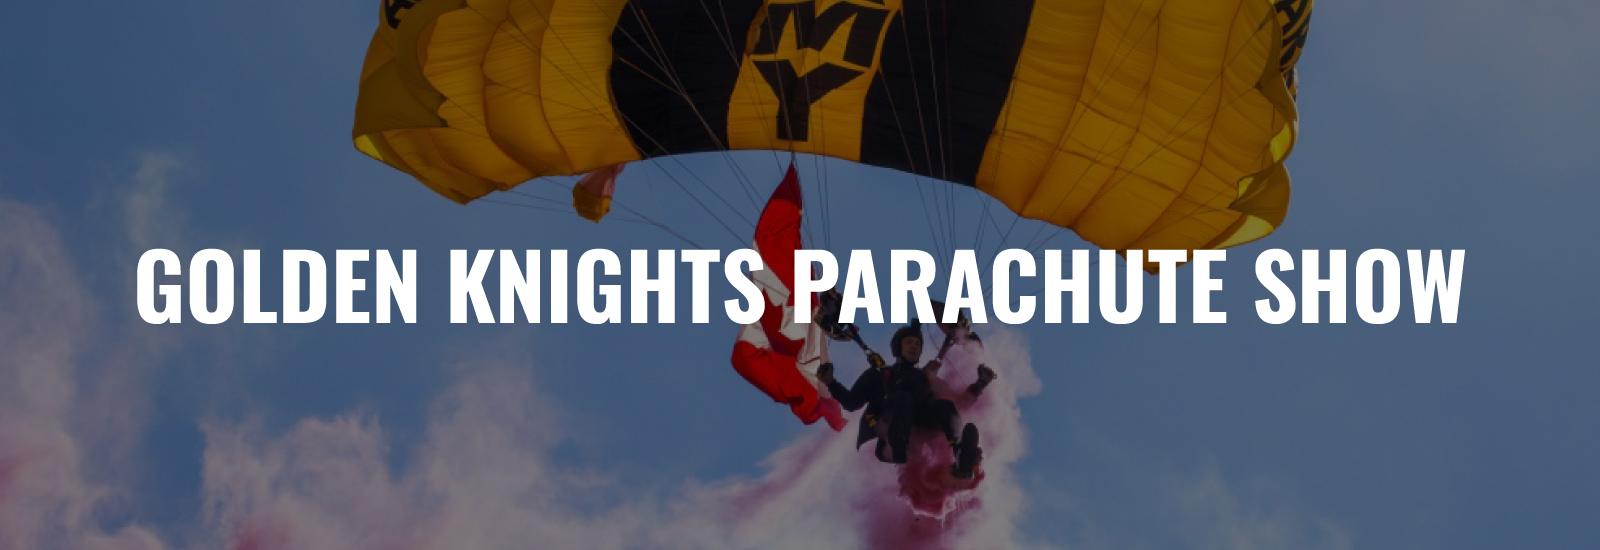 Golden Knights Parachute Show